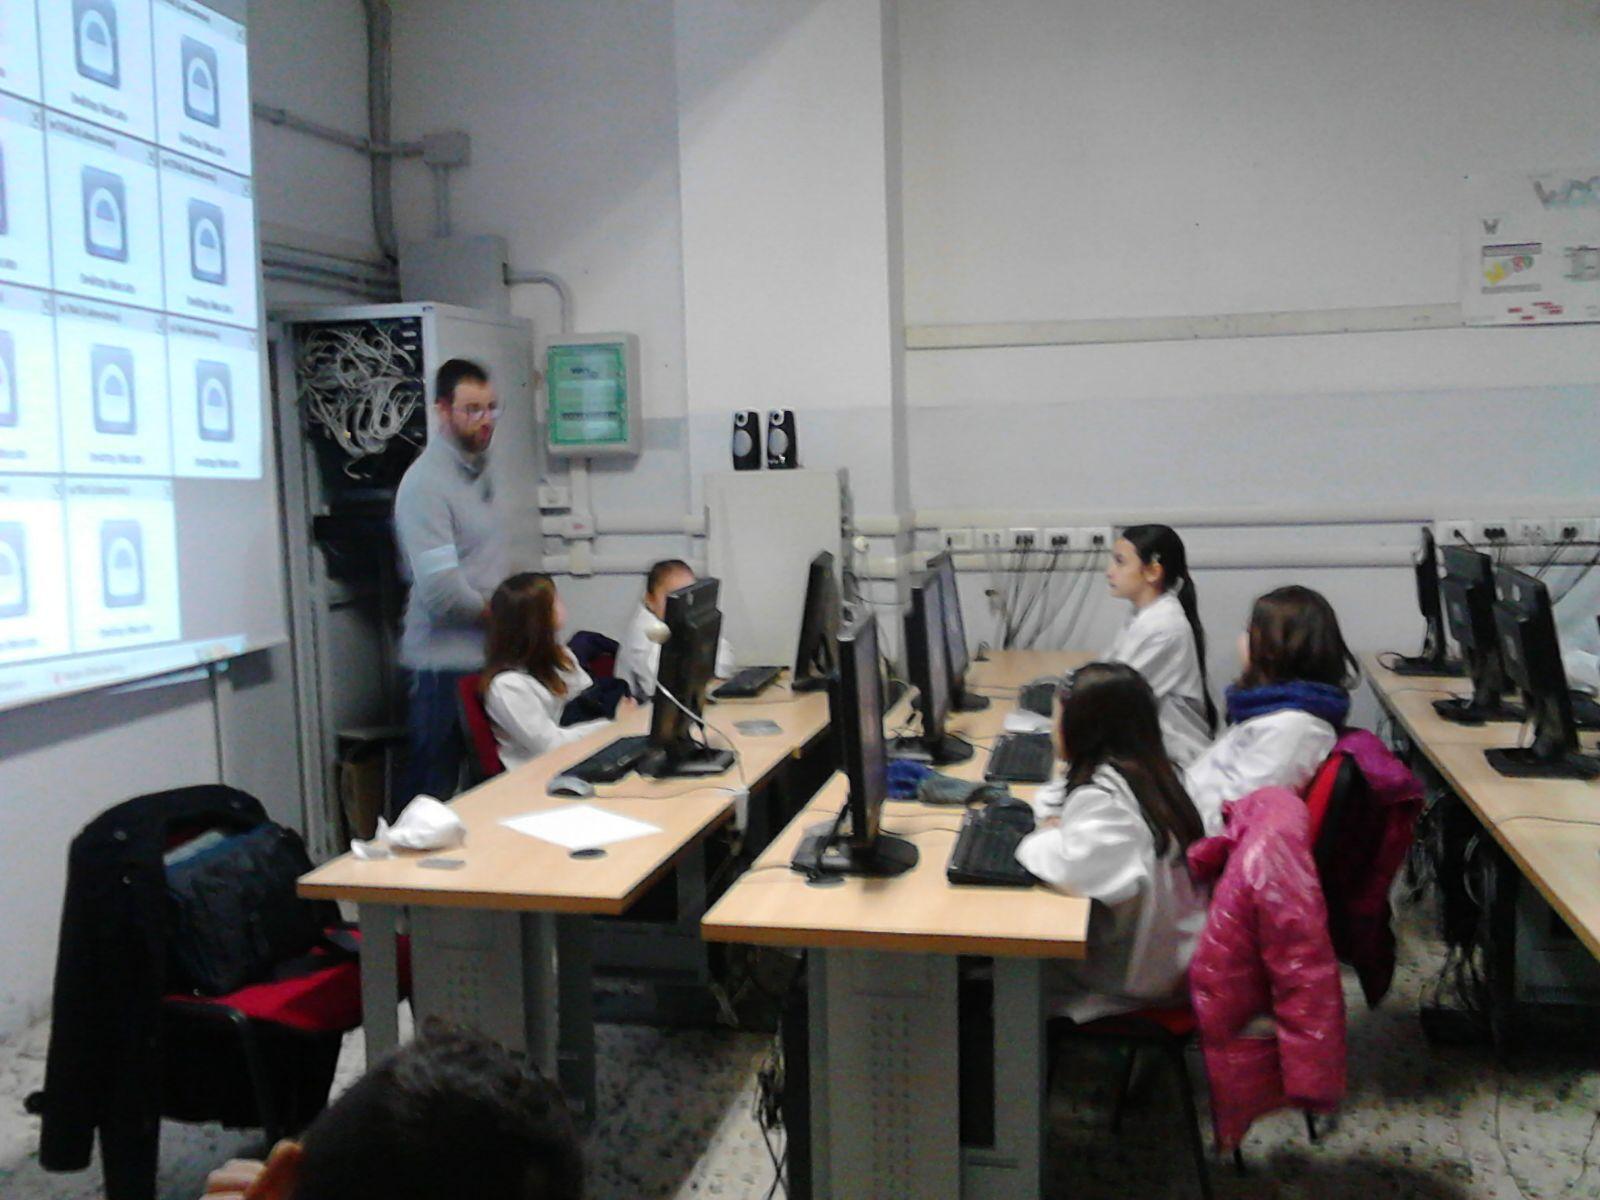 le classi 5 Marconi in aula multimediale alla Gramsci